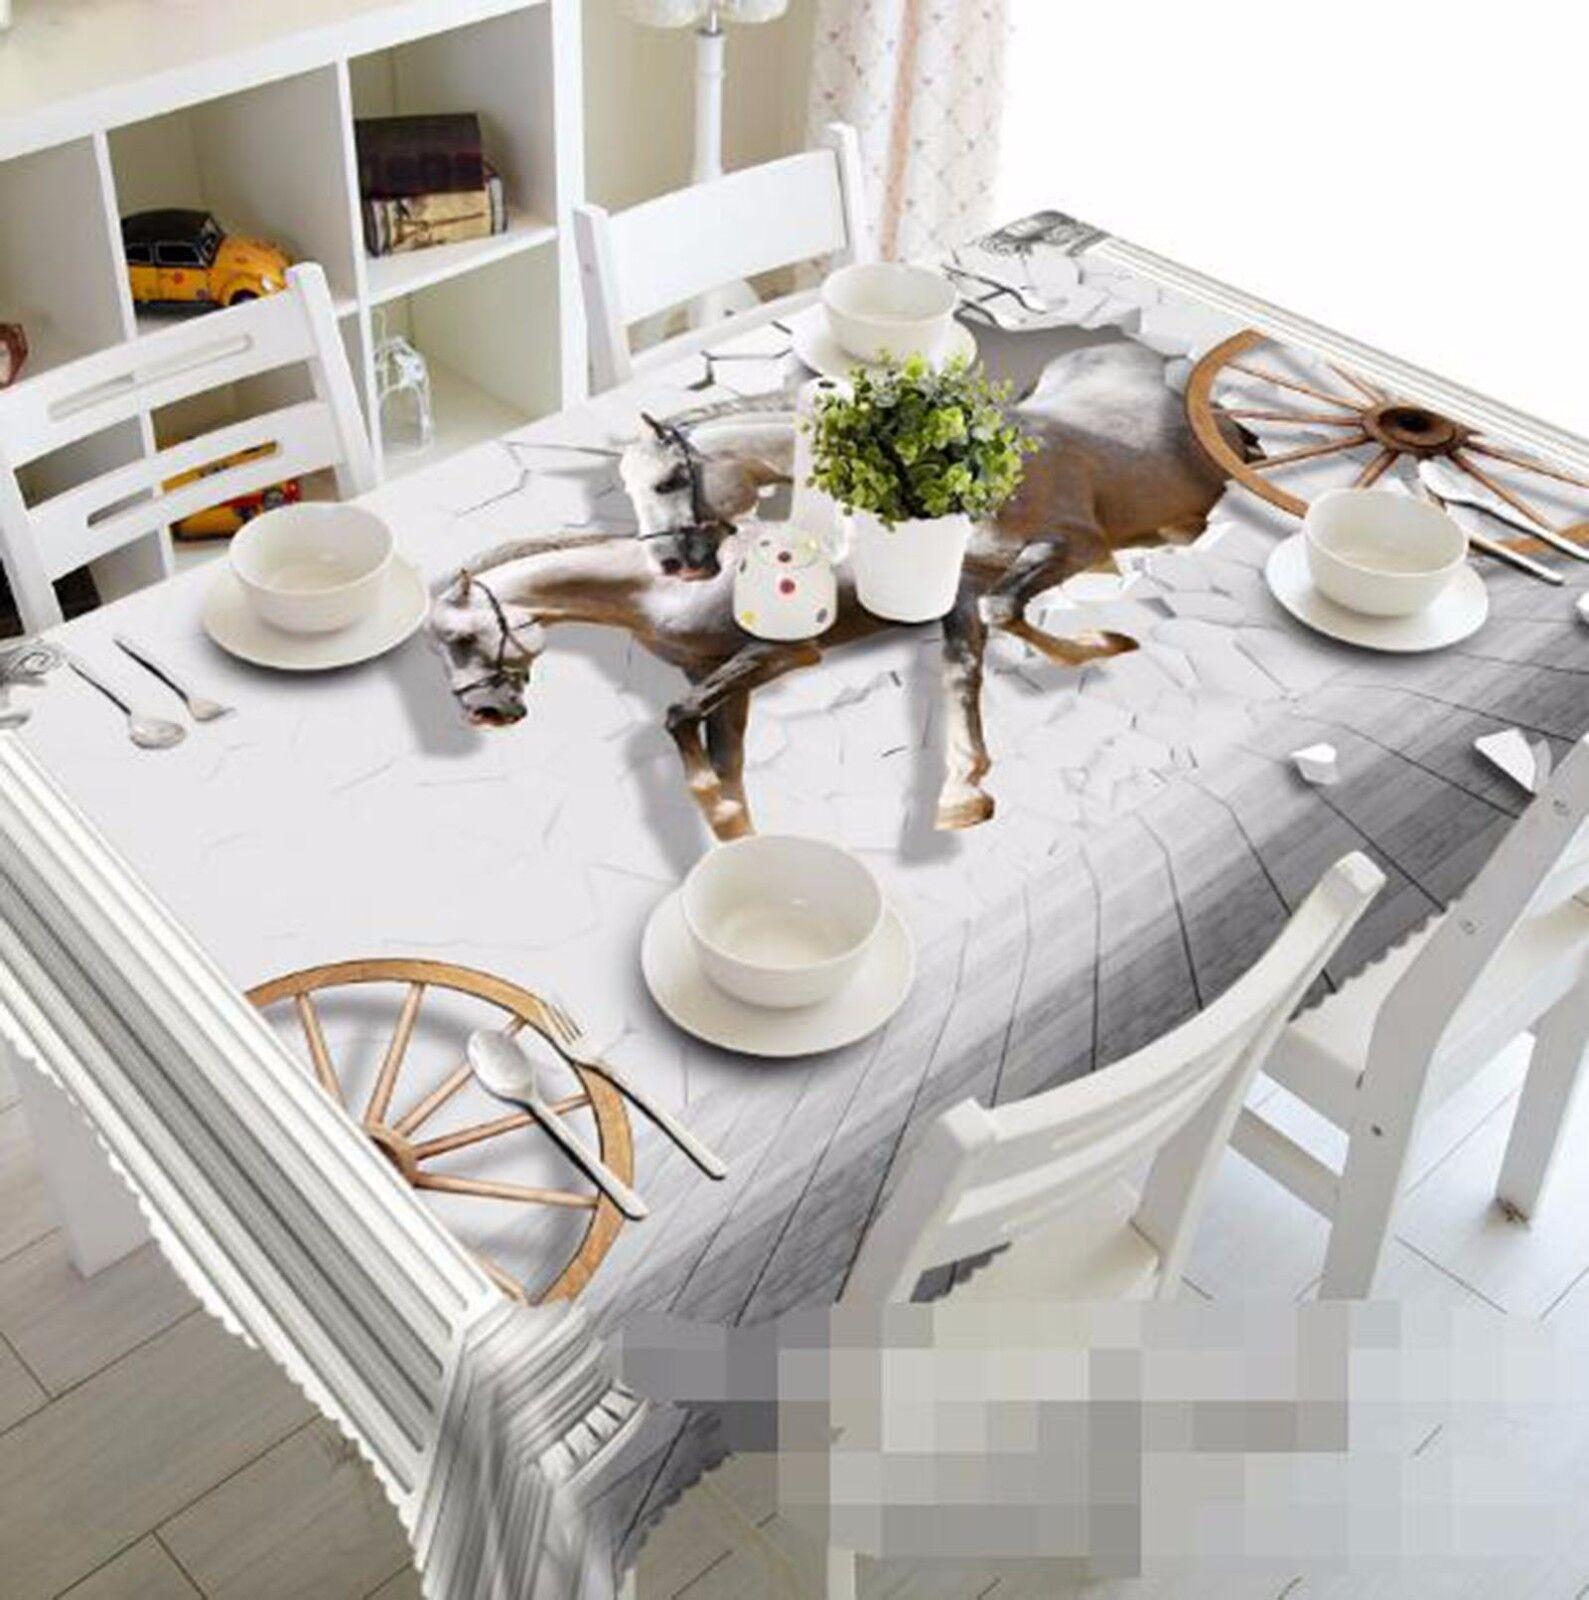 3D Cheval 446 Nappe Table Cover Cloth fête d'anniversaire AJ papier peint Royaume-Uni Citron